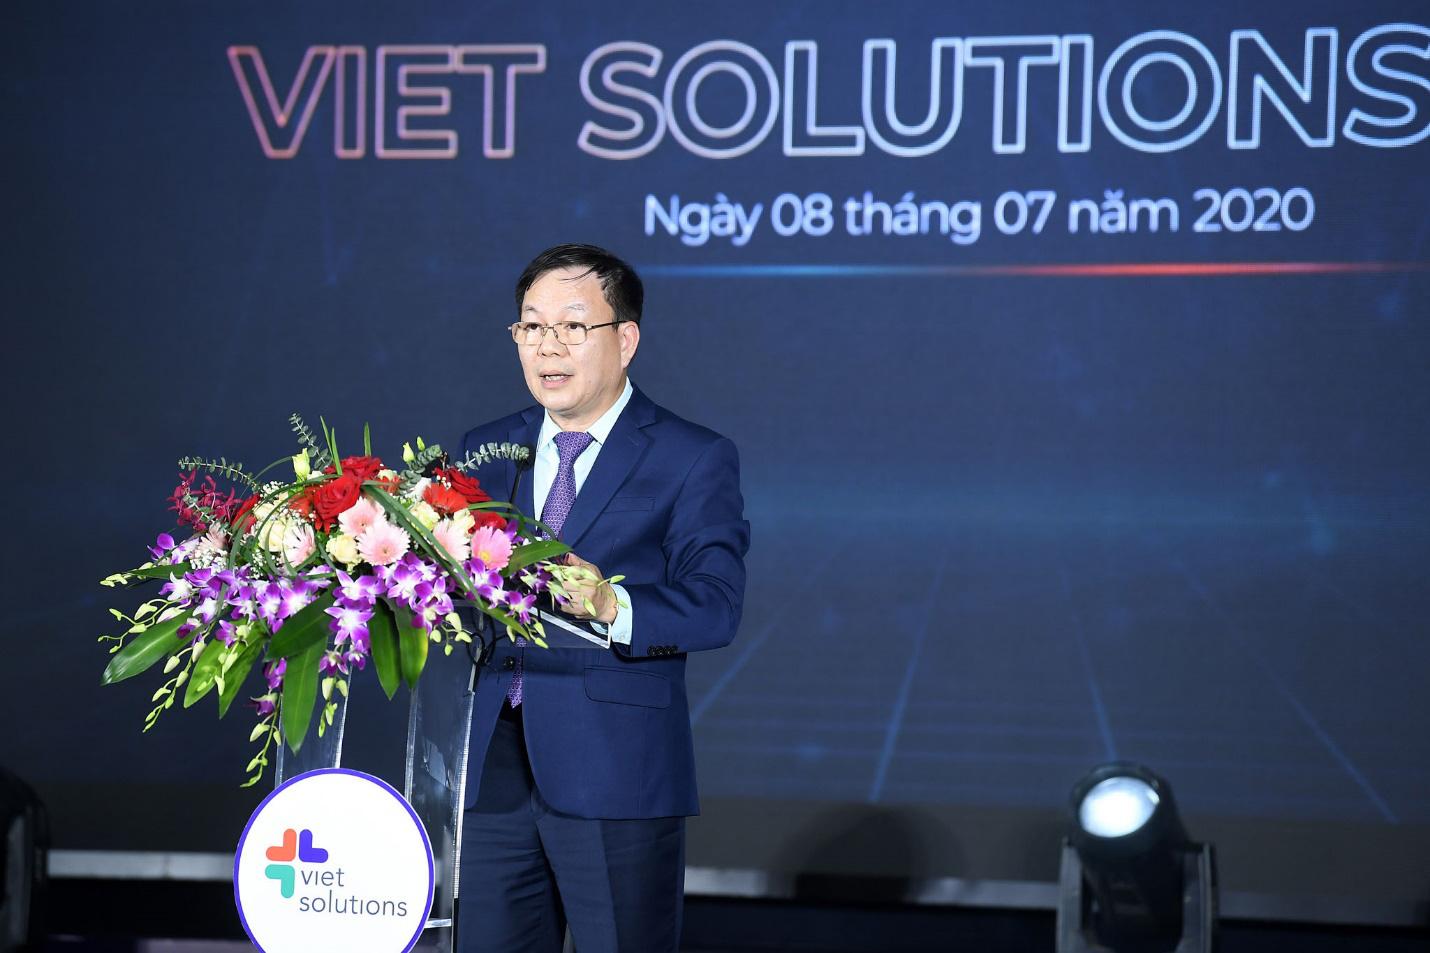 """Quyền Chủ tịch Tập đoàn Viettel: """"Thiên đường cho các start-up không chỉ vì nơi đó có nhiều bộ óc công nghệ xuất chúng"""" - Ảnh 2."""